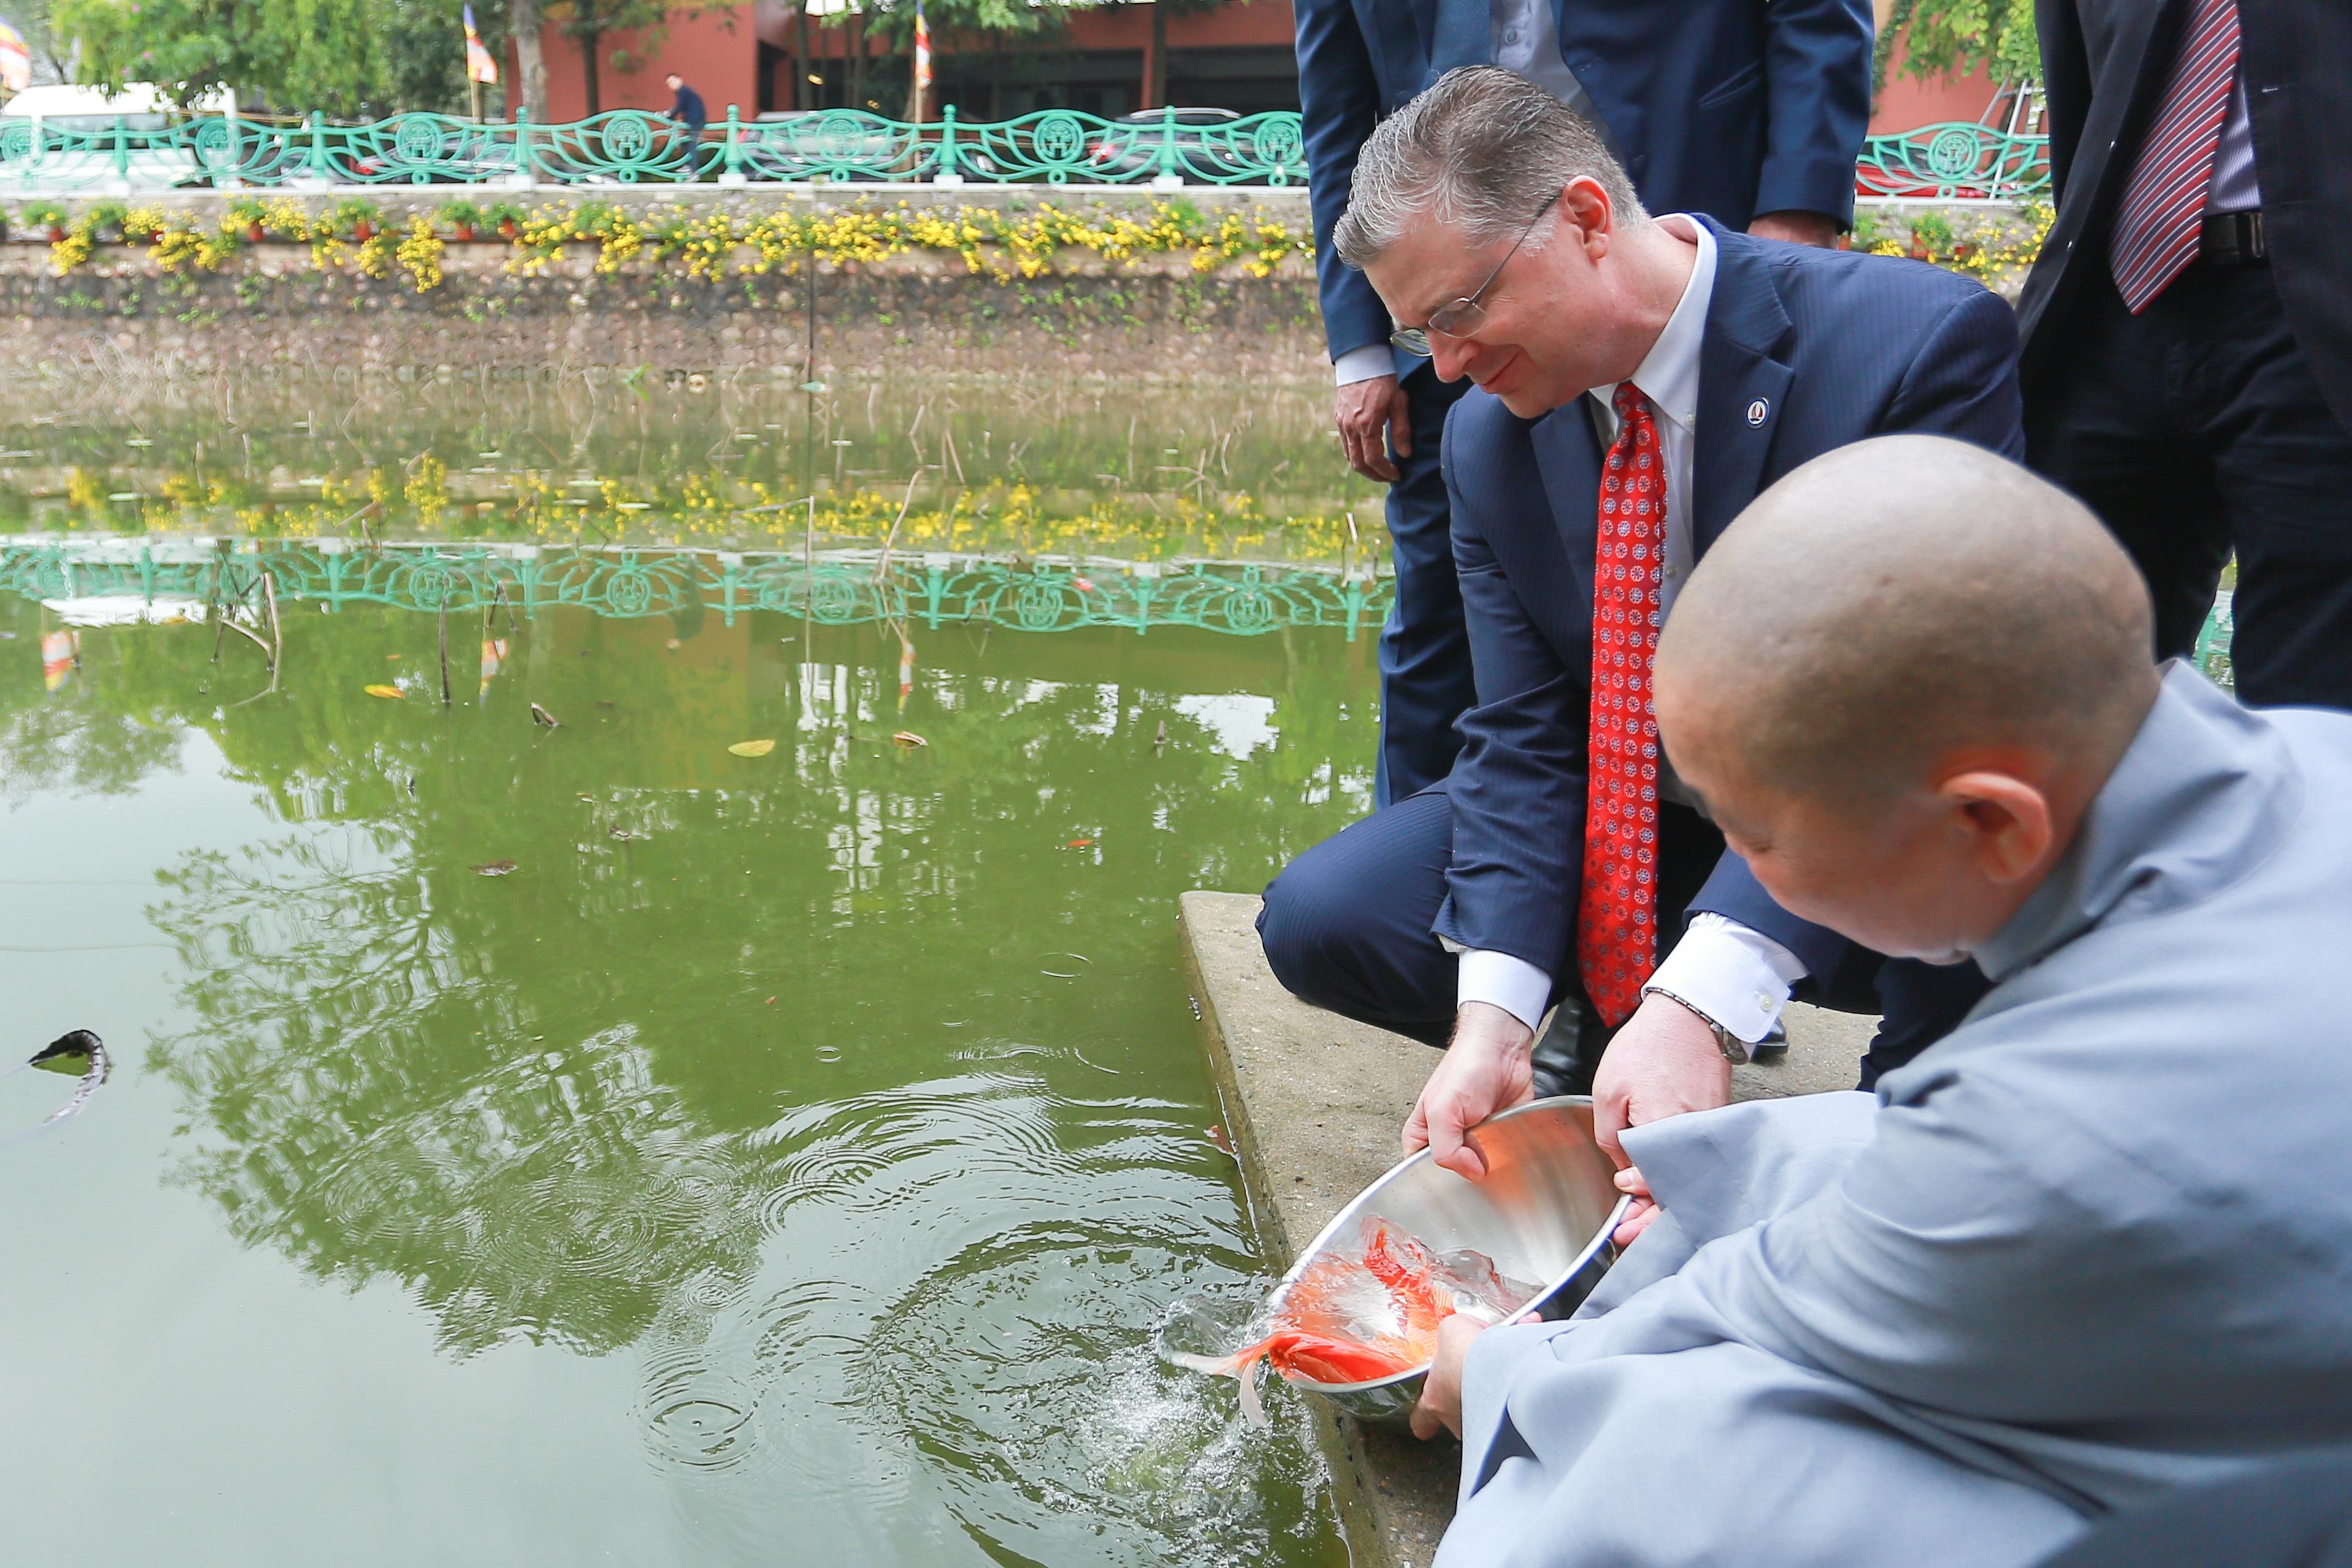 Đại sứ Mỹ thả cá chép, chúc mừng năm mới bằng tiếng Việt - 17